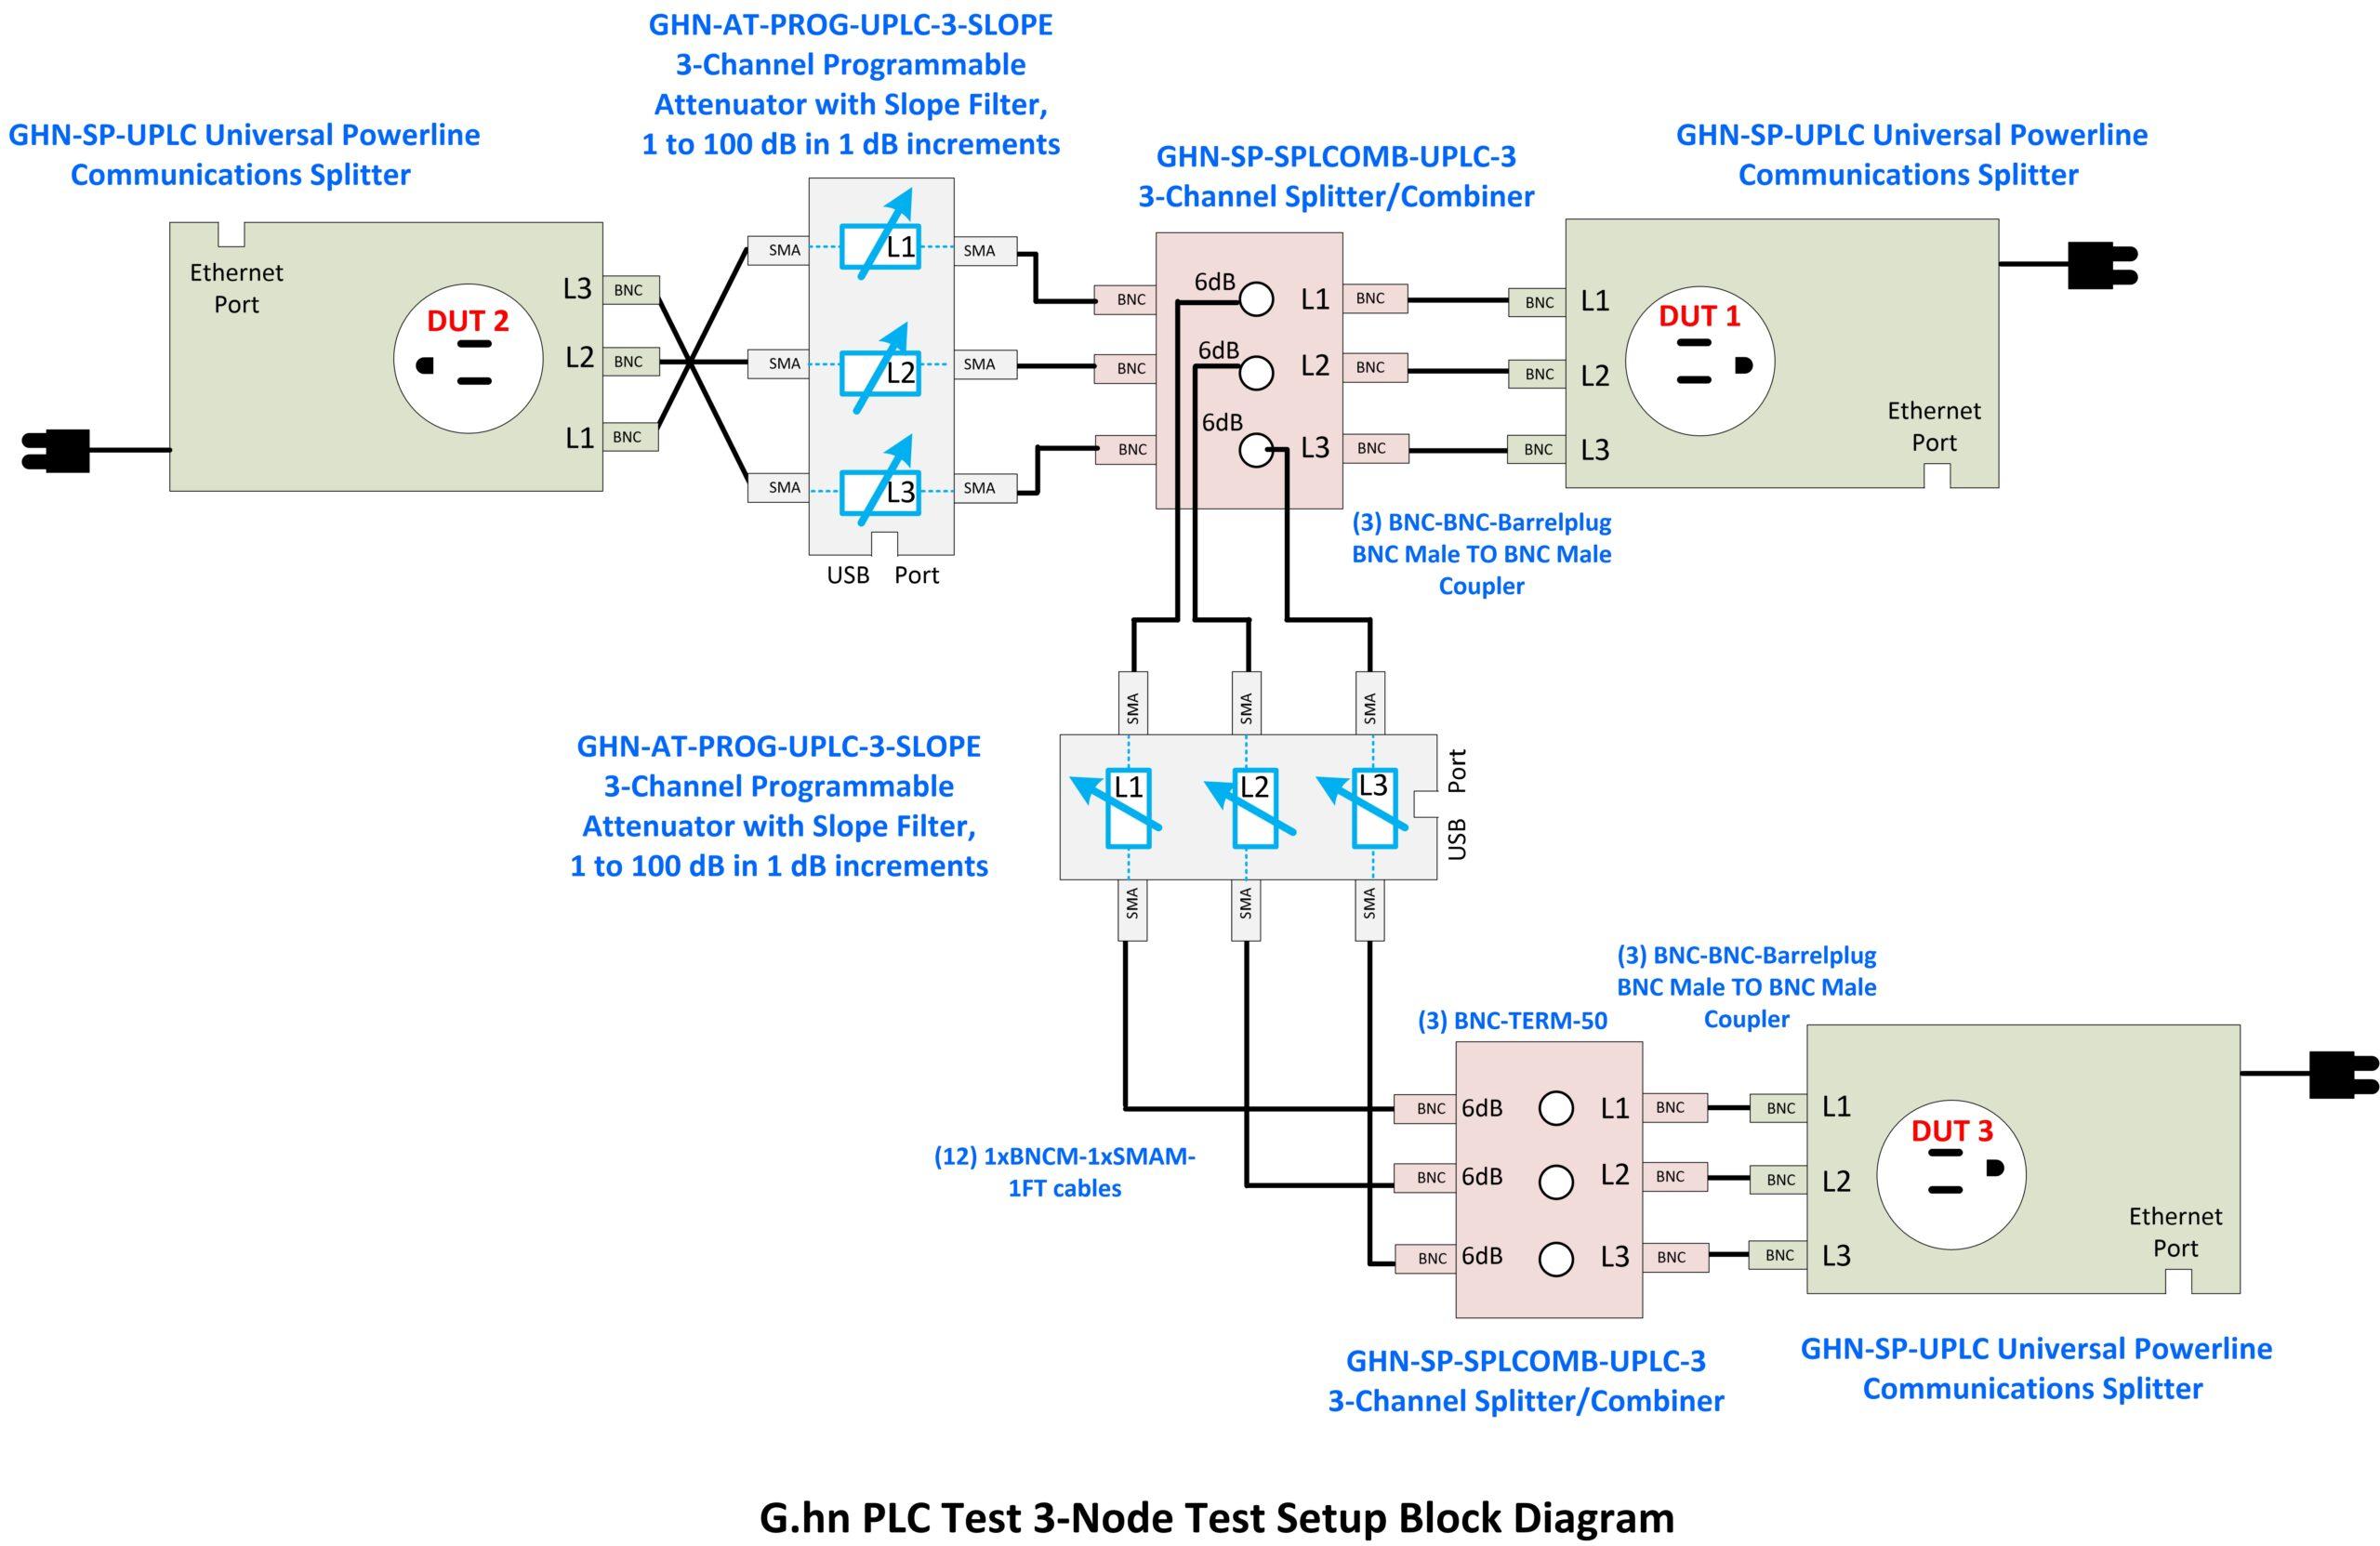 G.hn PLC Test 3-Node Test Setup diagram.